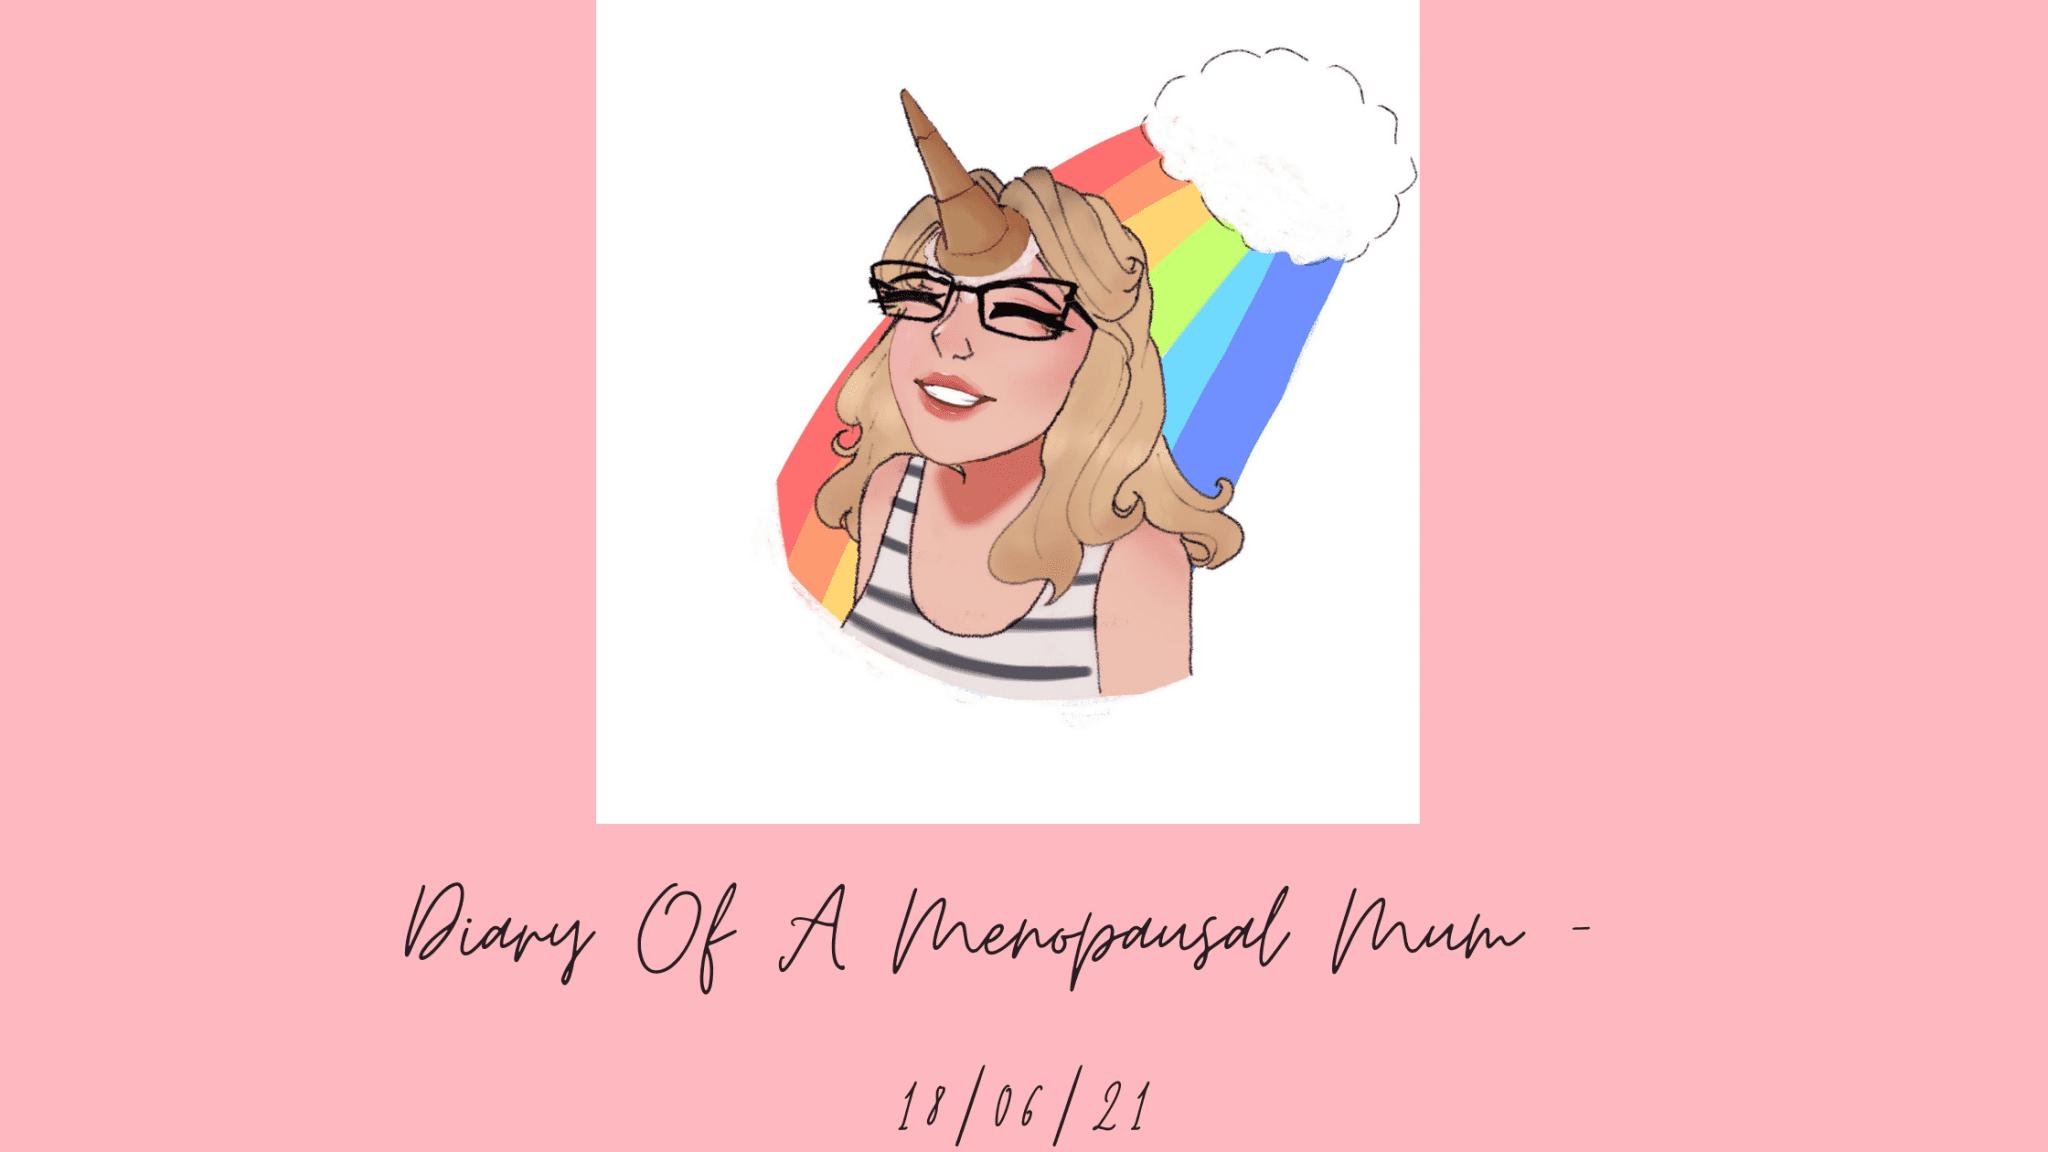 Diary of a menopausal mum -18/06/21